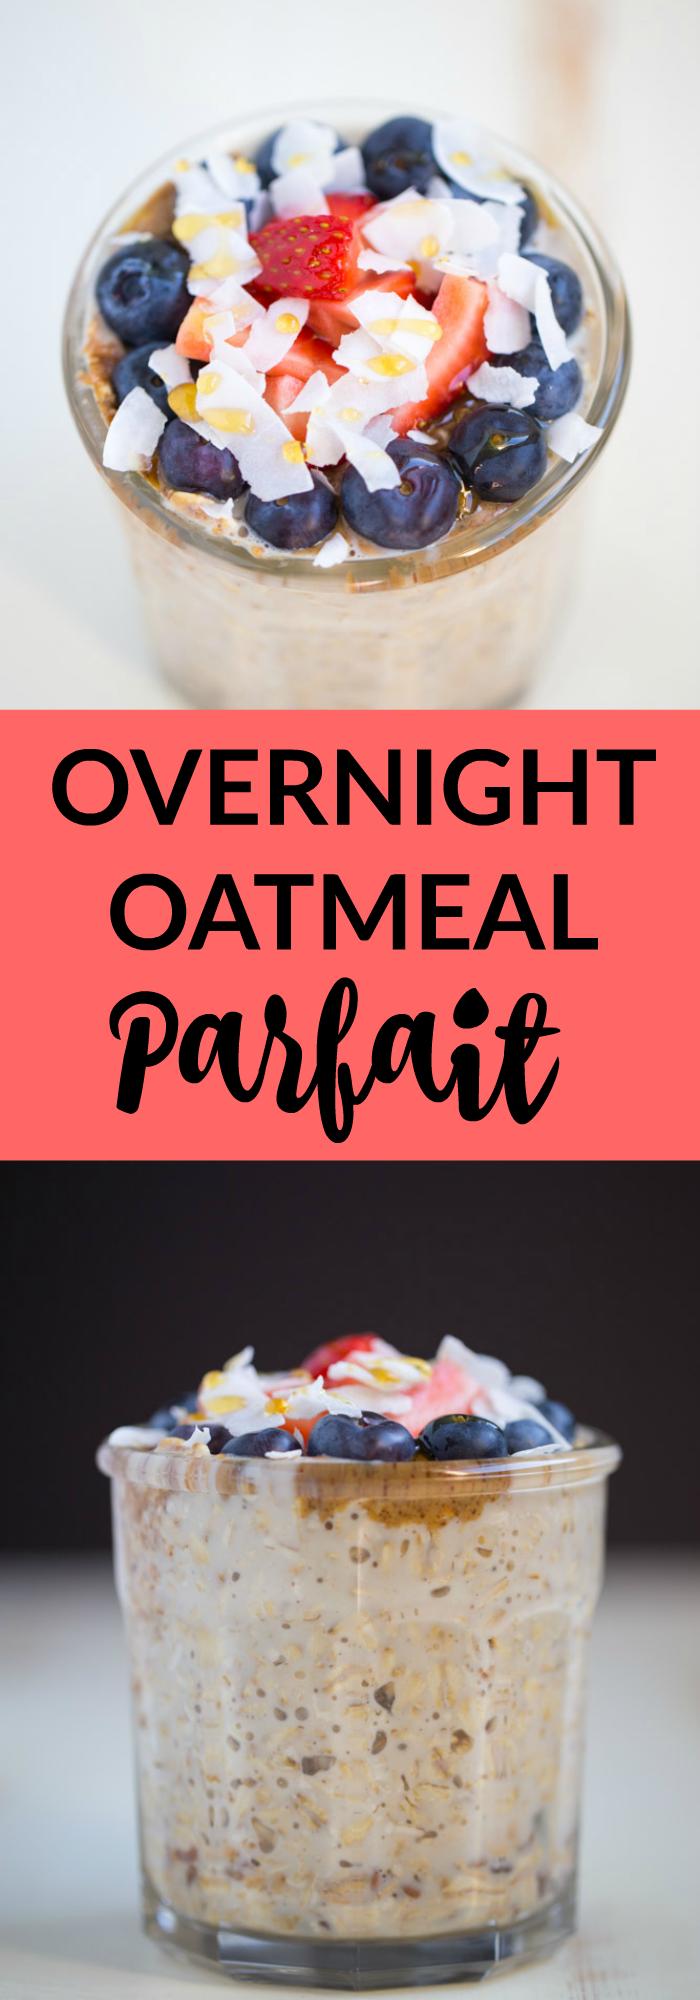 Overnight Oatmeal Parfait